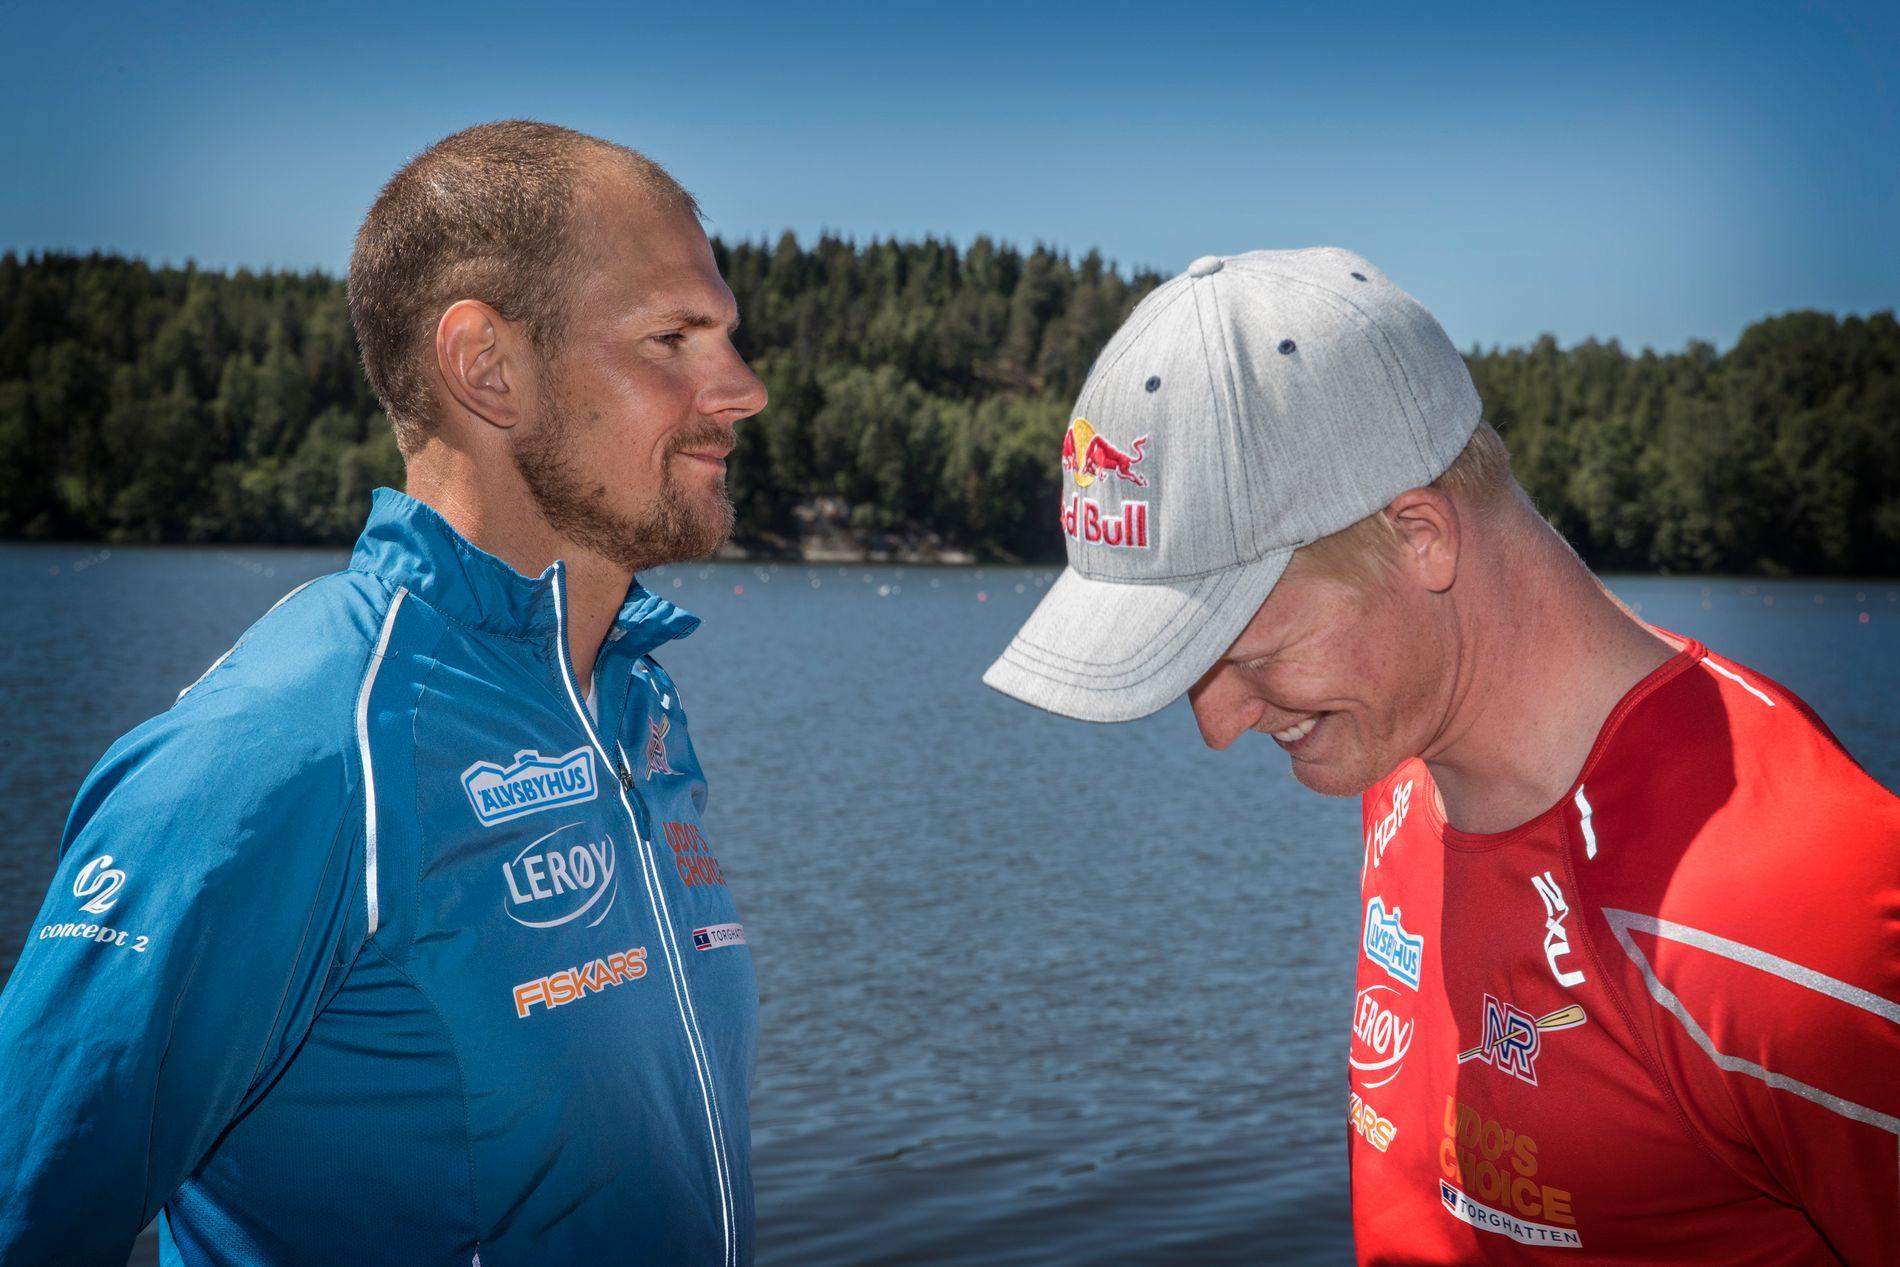 HØYE KRAV: Olaf Tufte tror Kjetil Borch får en tøff jobb med å ta VM-medalje i singlesculler. Men utelukker det ikke. Her er duoen i 2016.